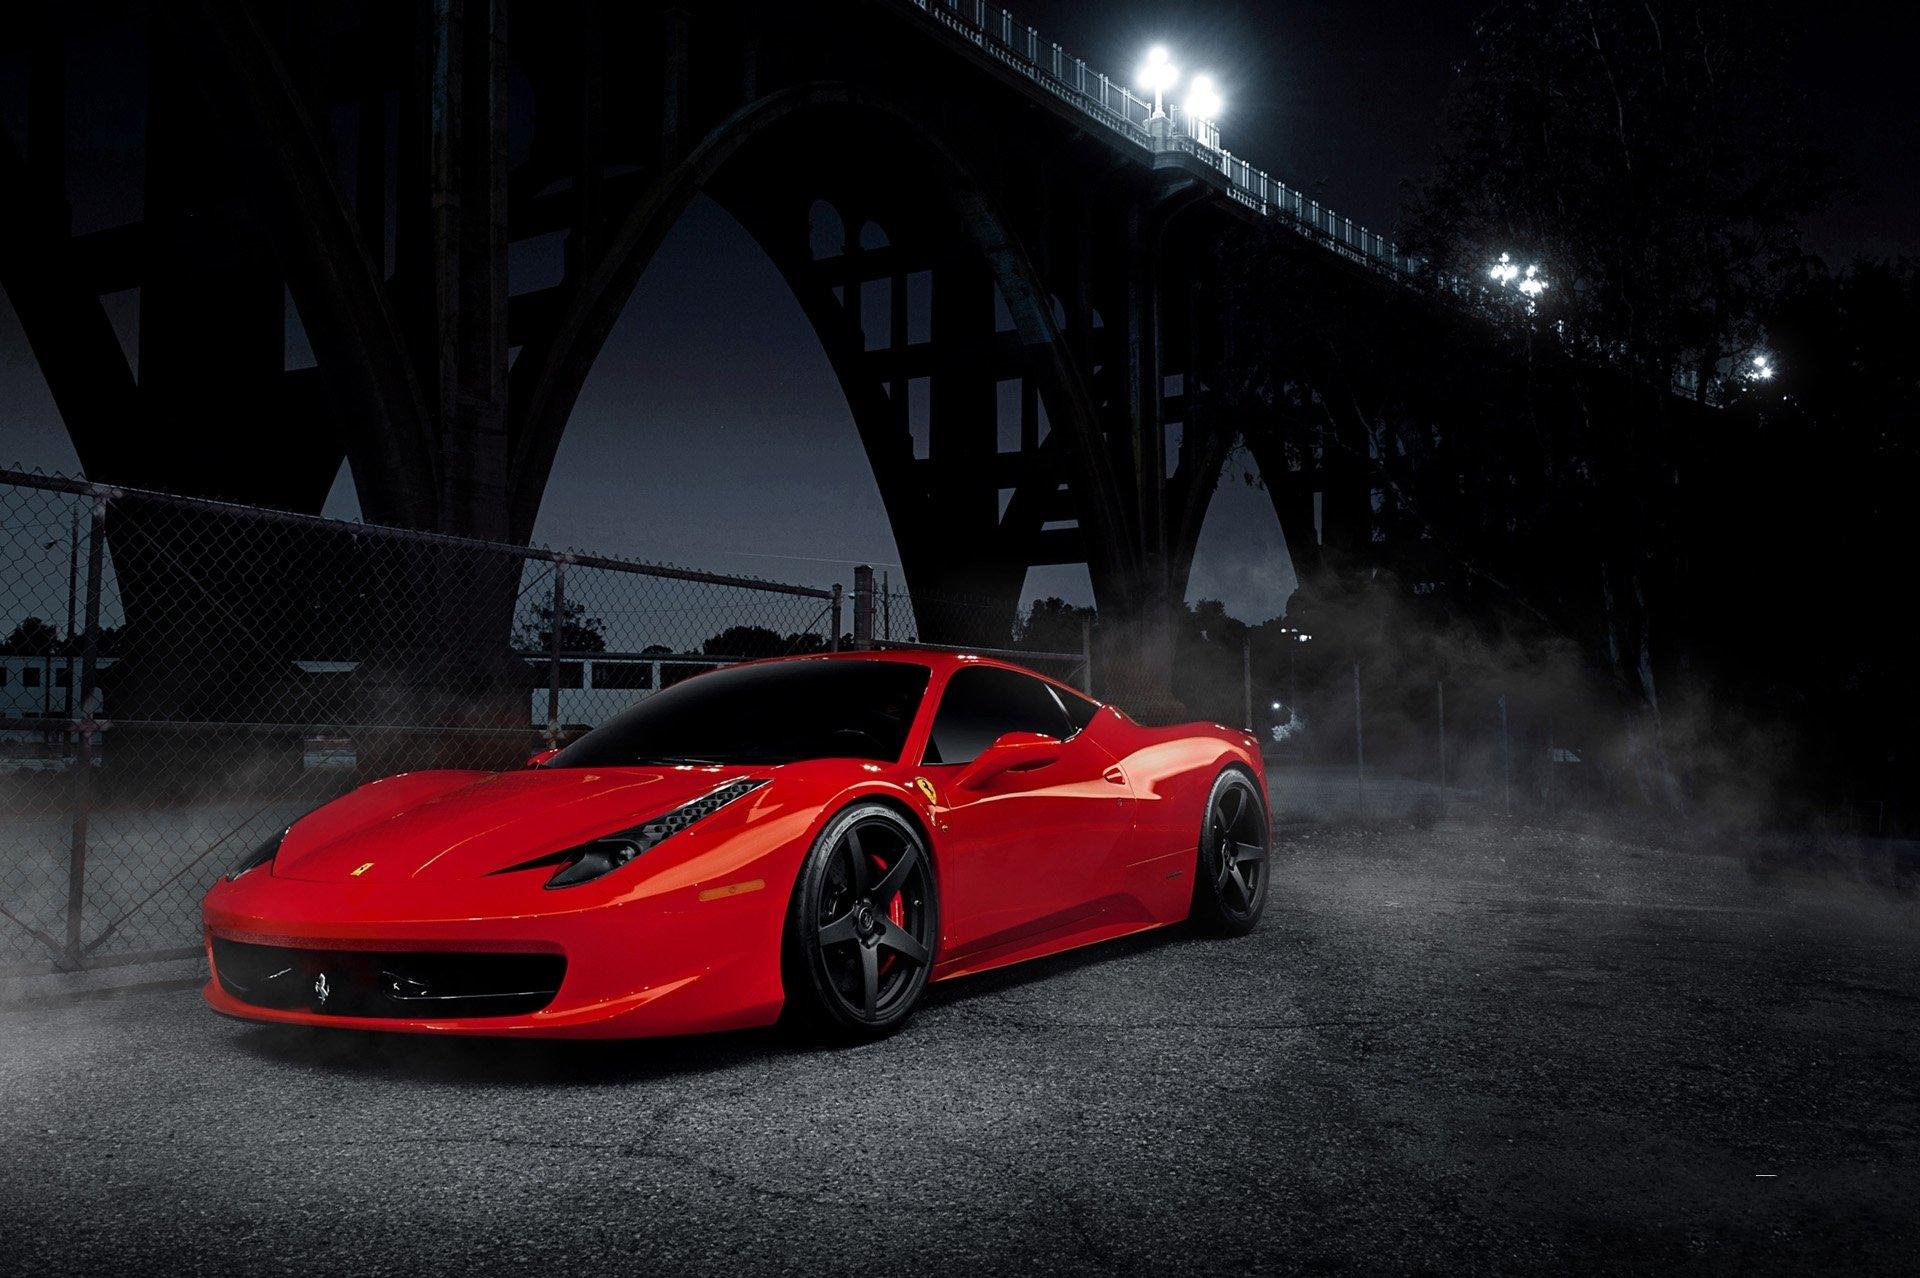 Ferrari F12 дорога забор  № 2438045 загрузить